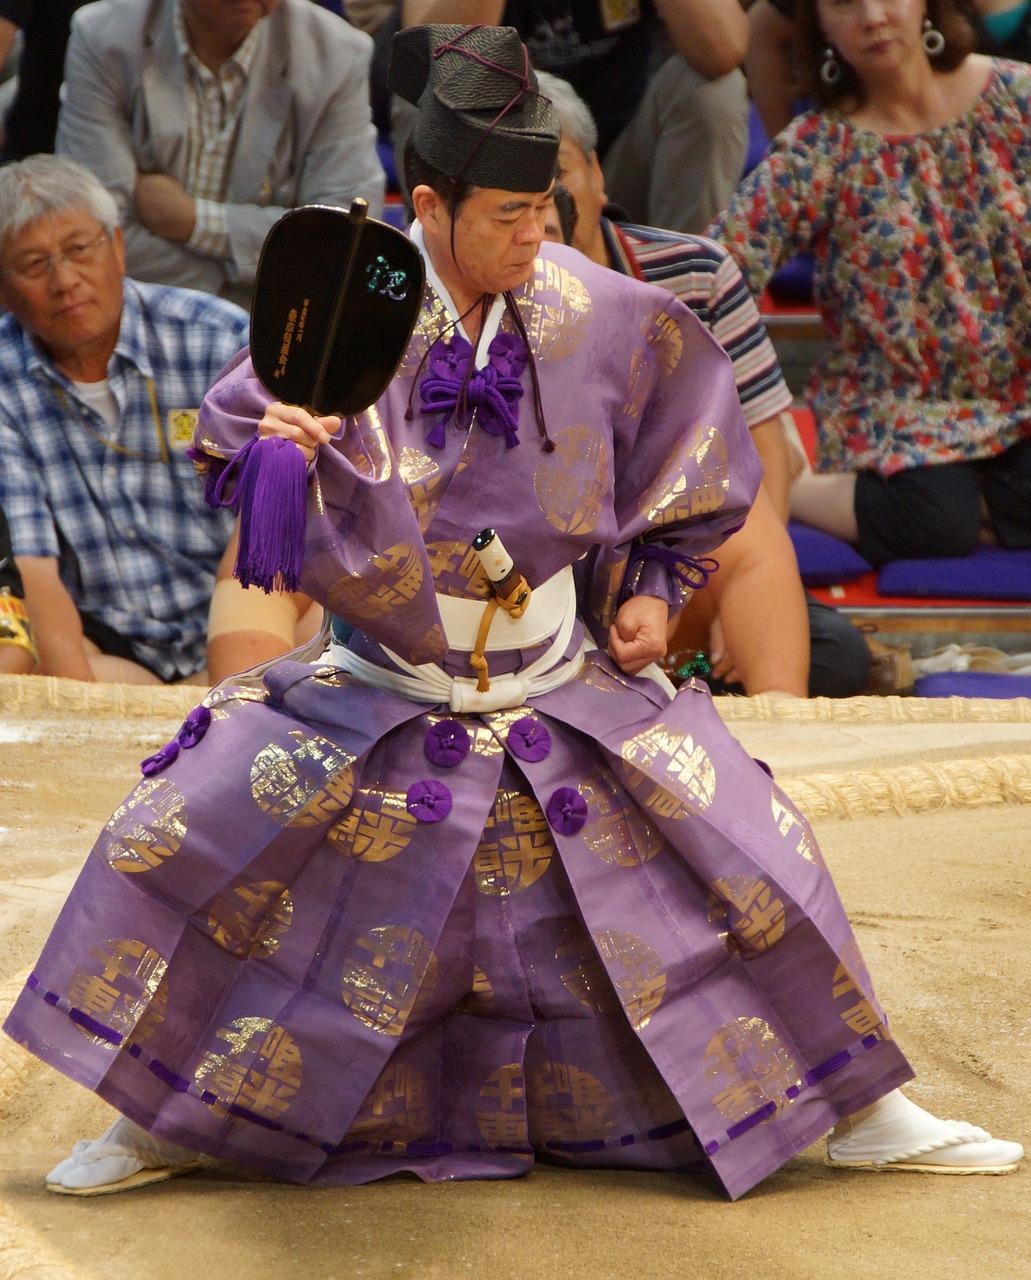 Viaggio in Giappone: sumo